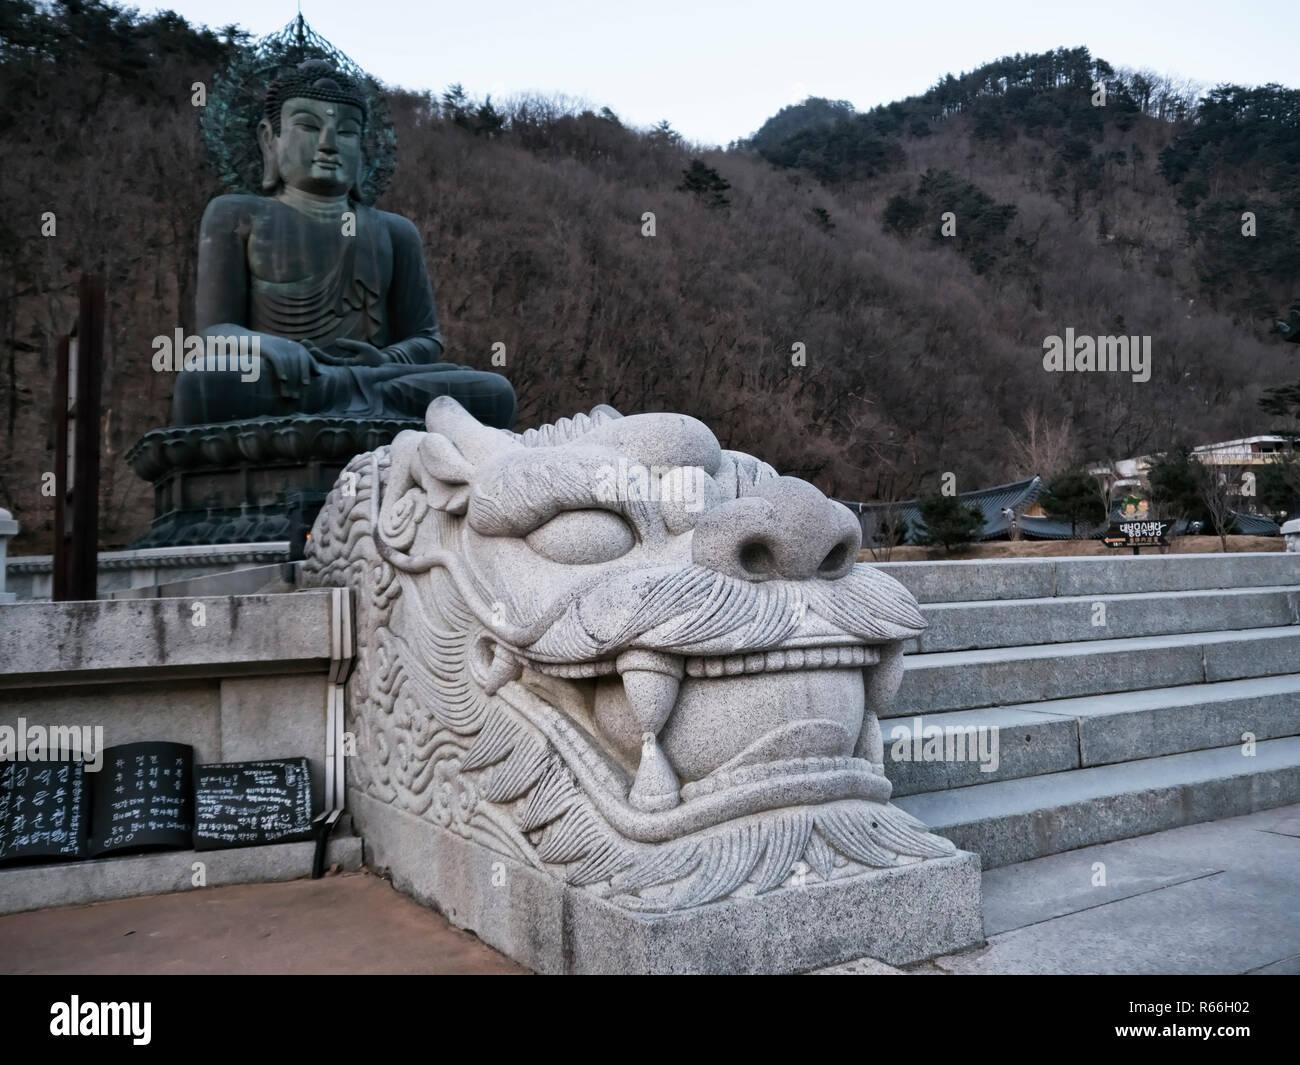 Escultura en Tigre en templo Sinheungsa. El Parque Nacional de Seoraksan. Corea del Sur Imagen De Stock